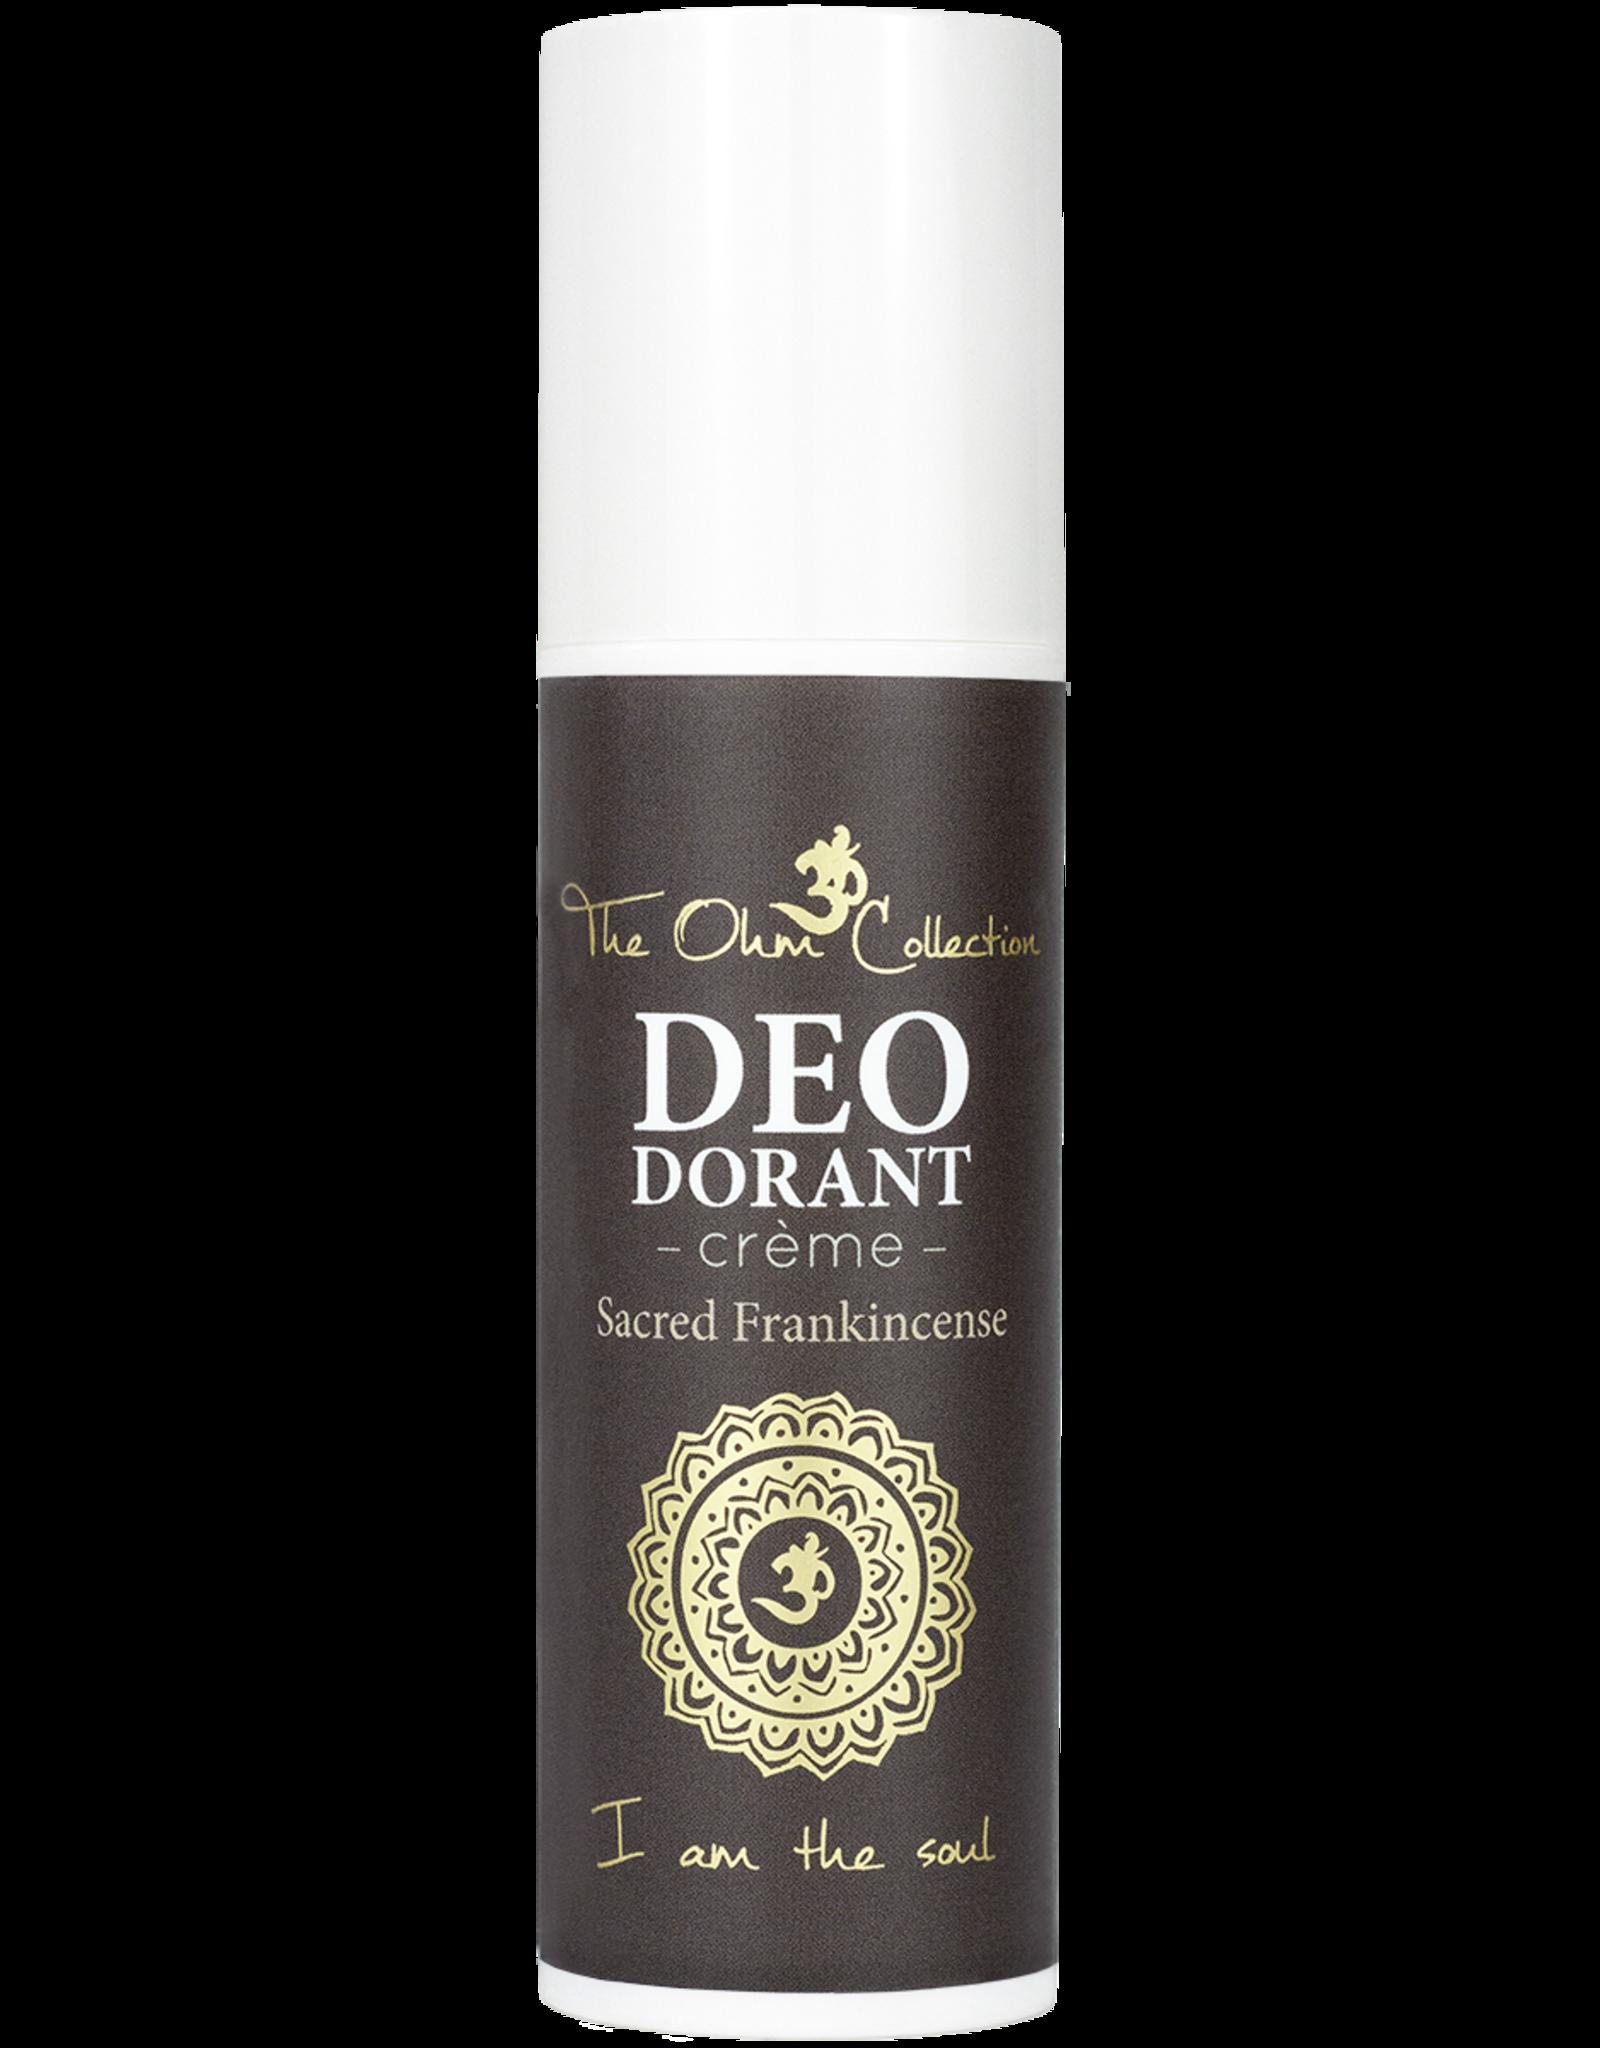 Ohm Ohm Deo Dorant Creme SacredFrankincense 50 ml